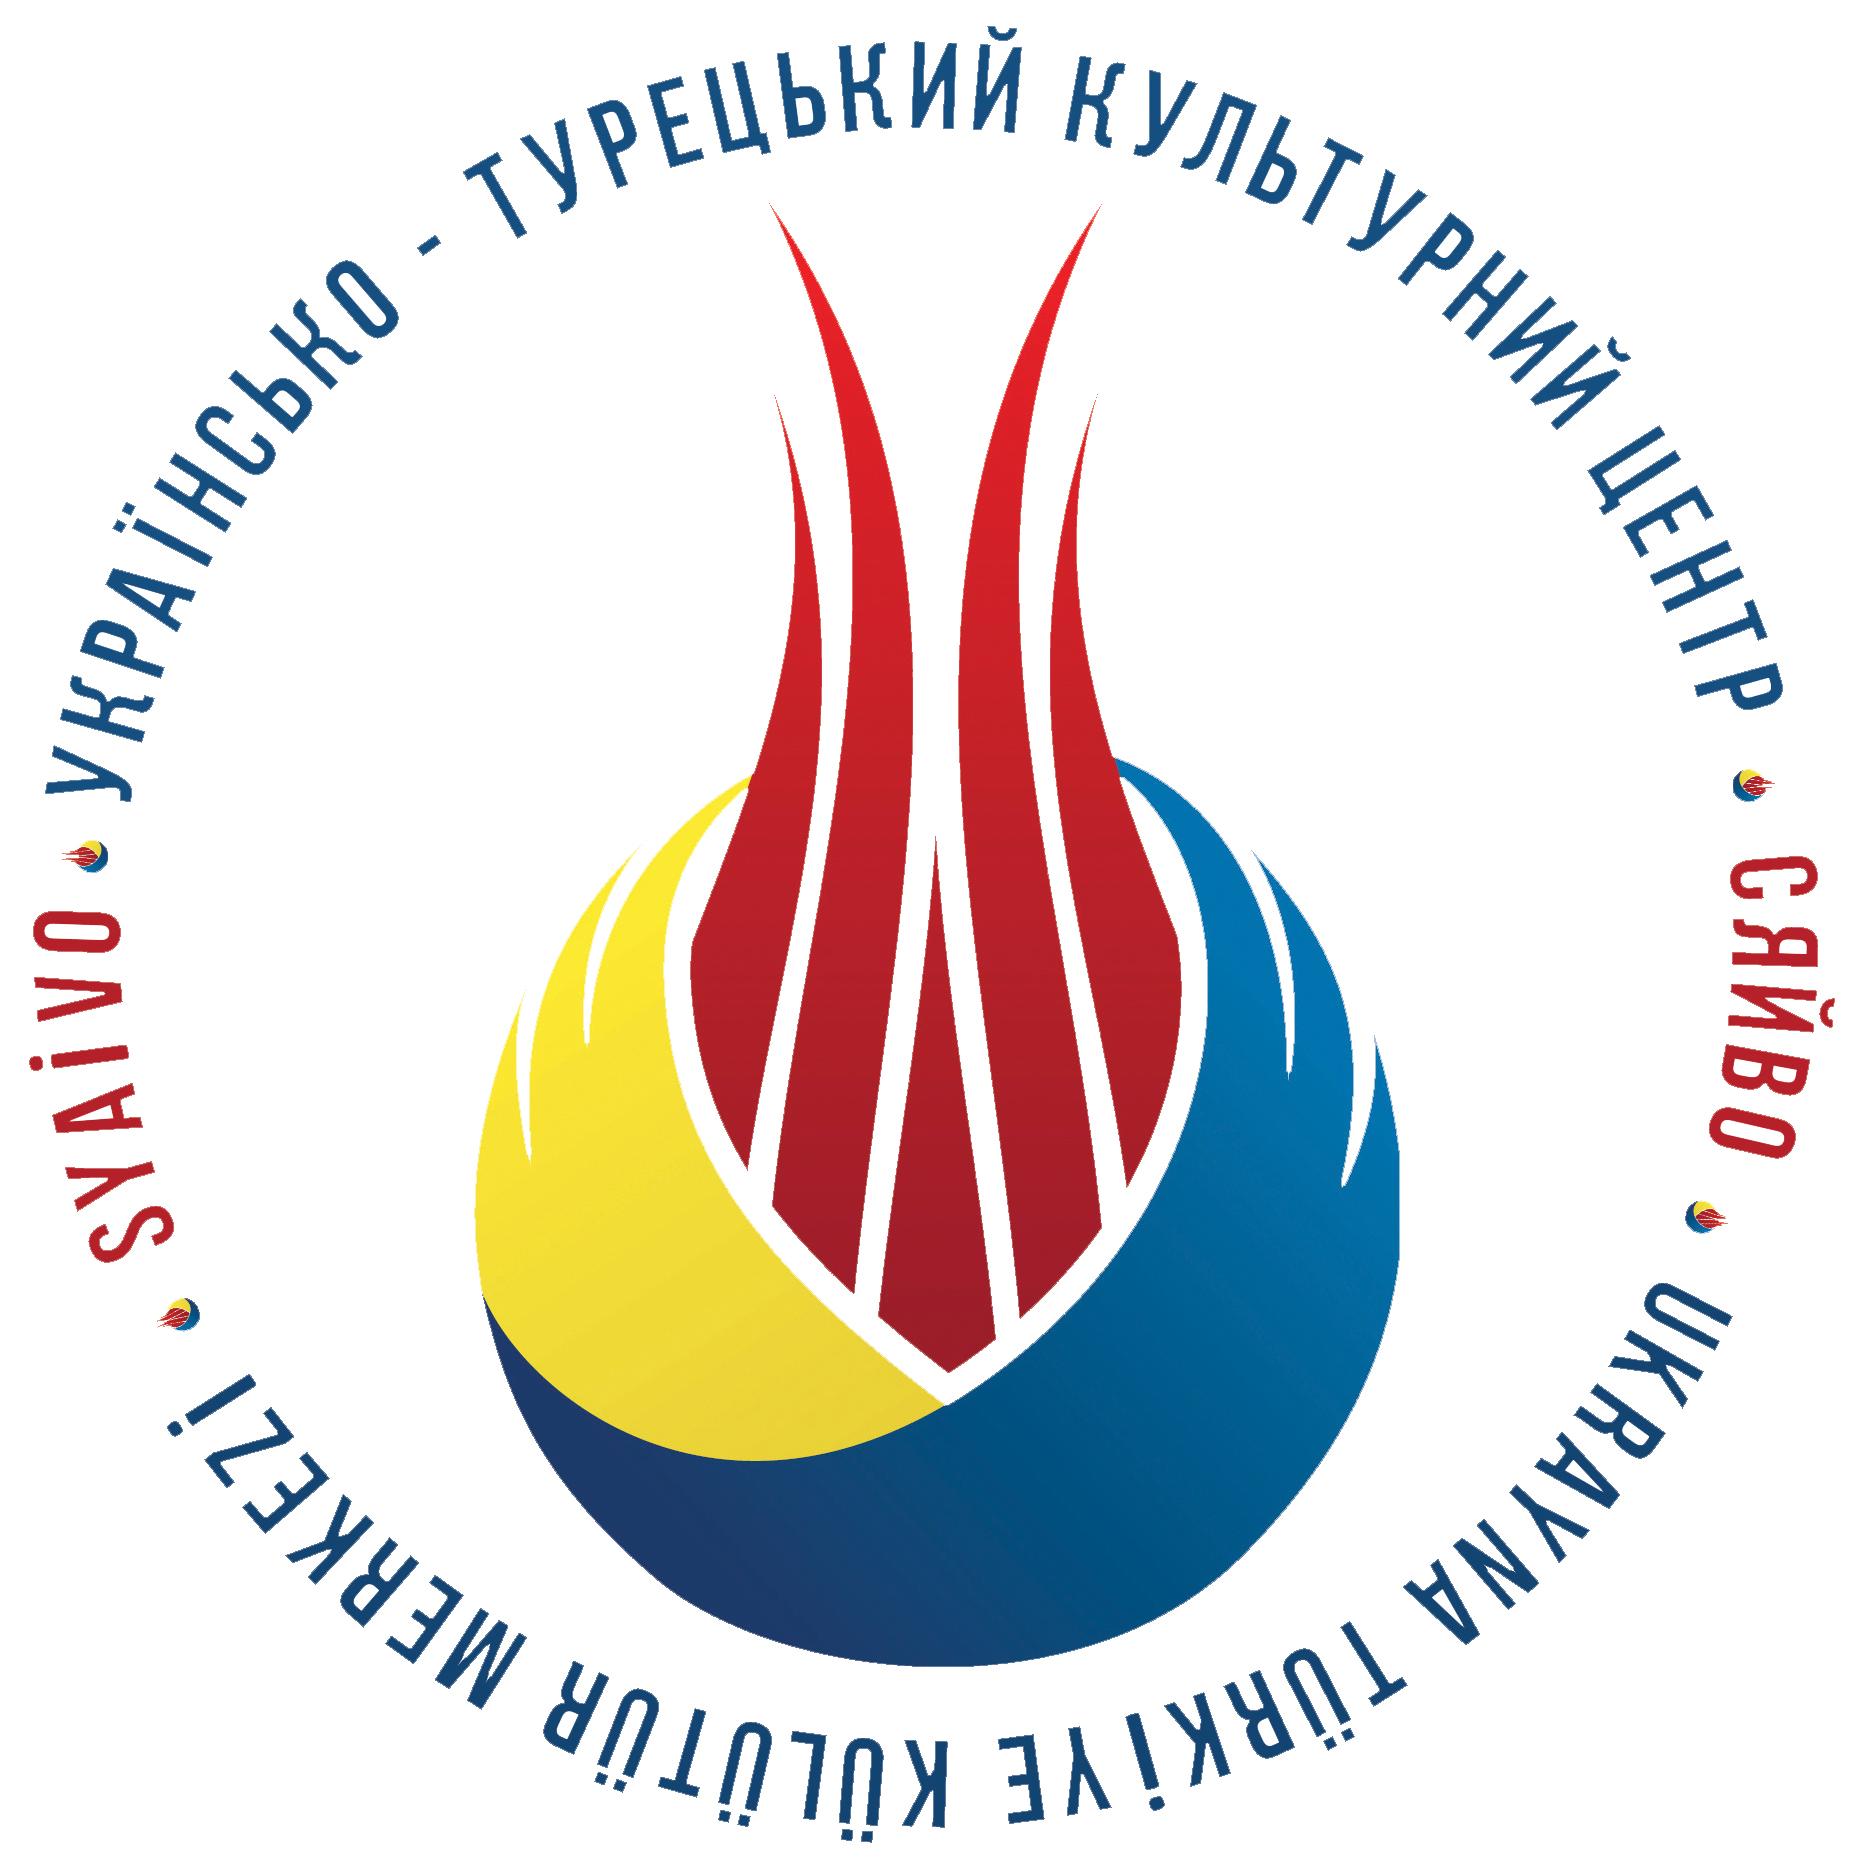 syaivo-yuvarlak logo